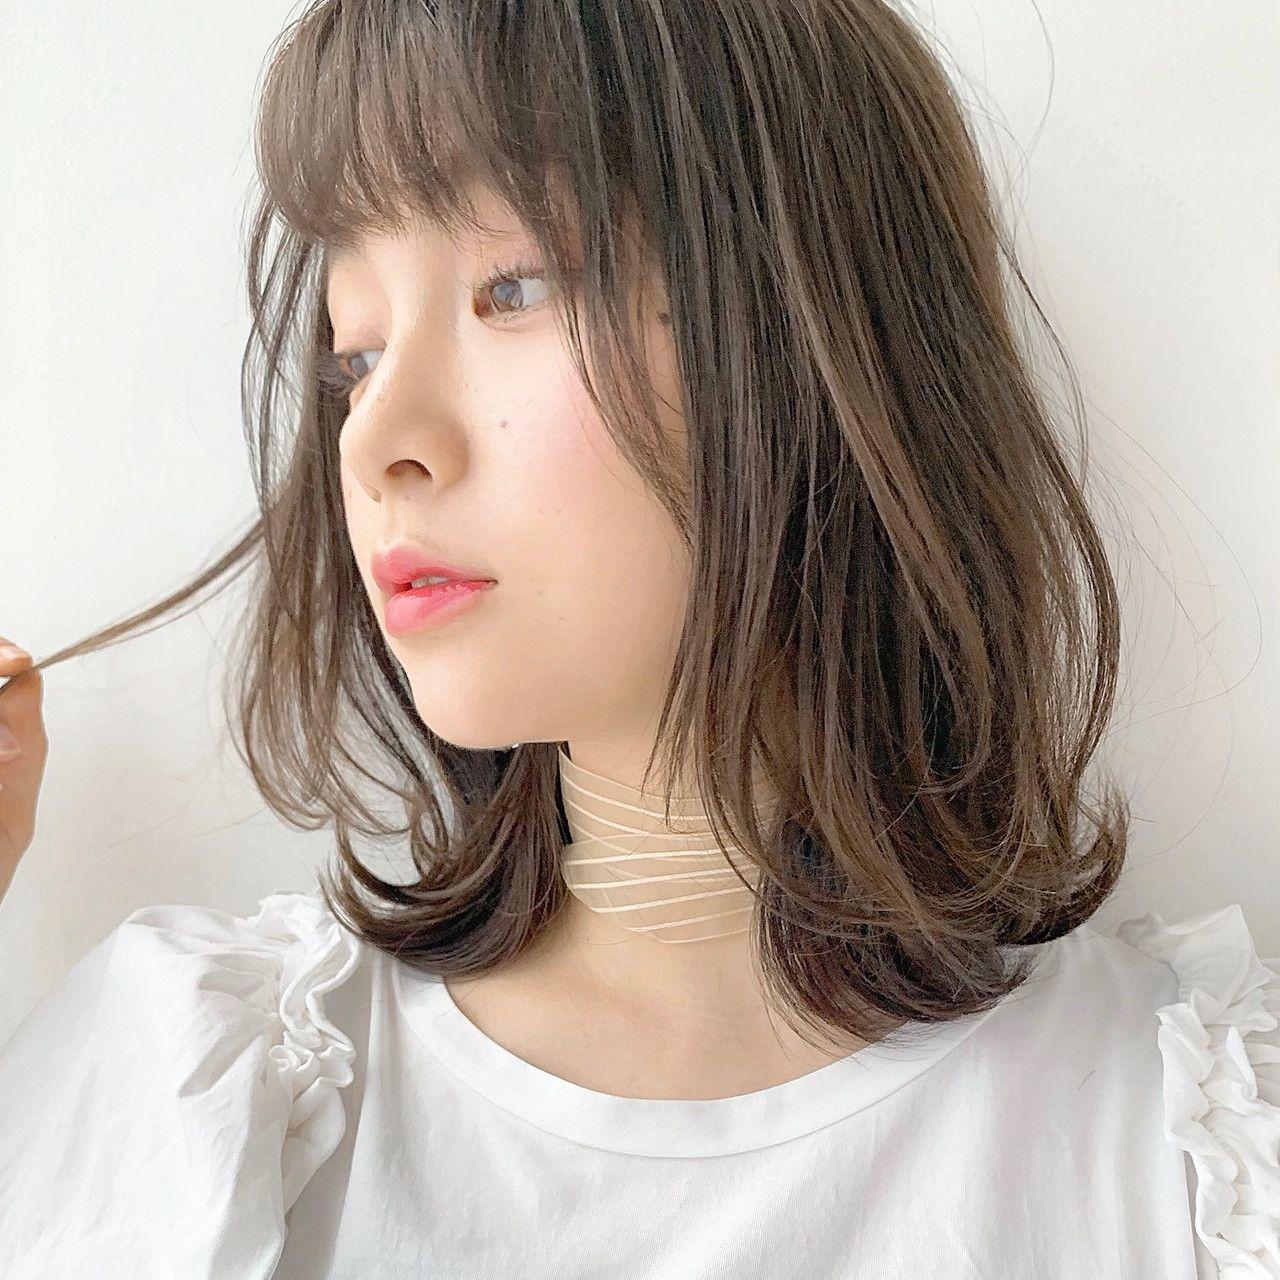 レイヤーカット ワンカール 透明感カラー ミディアム ヘアスタイルや髪型の写真 画像 美髪 ヘアスタイル ロング セミディ